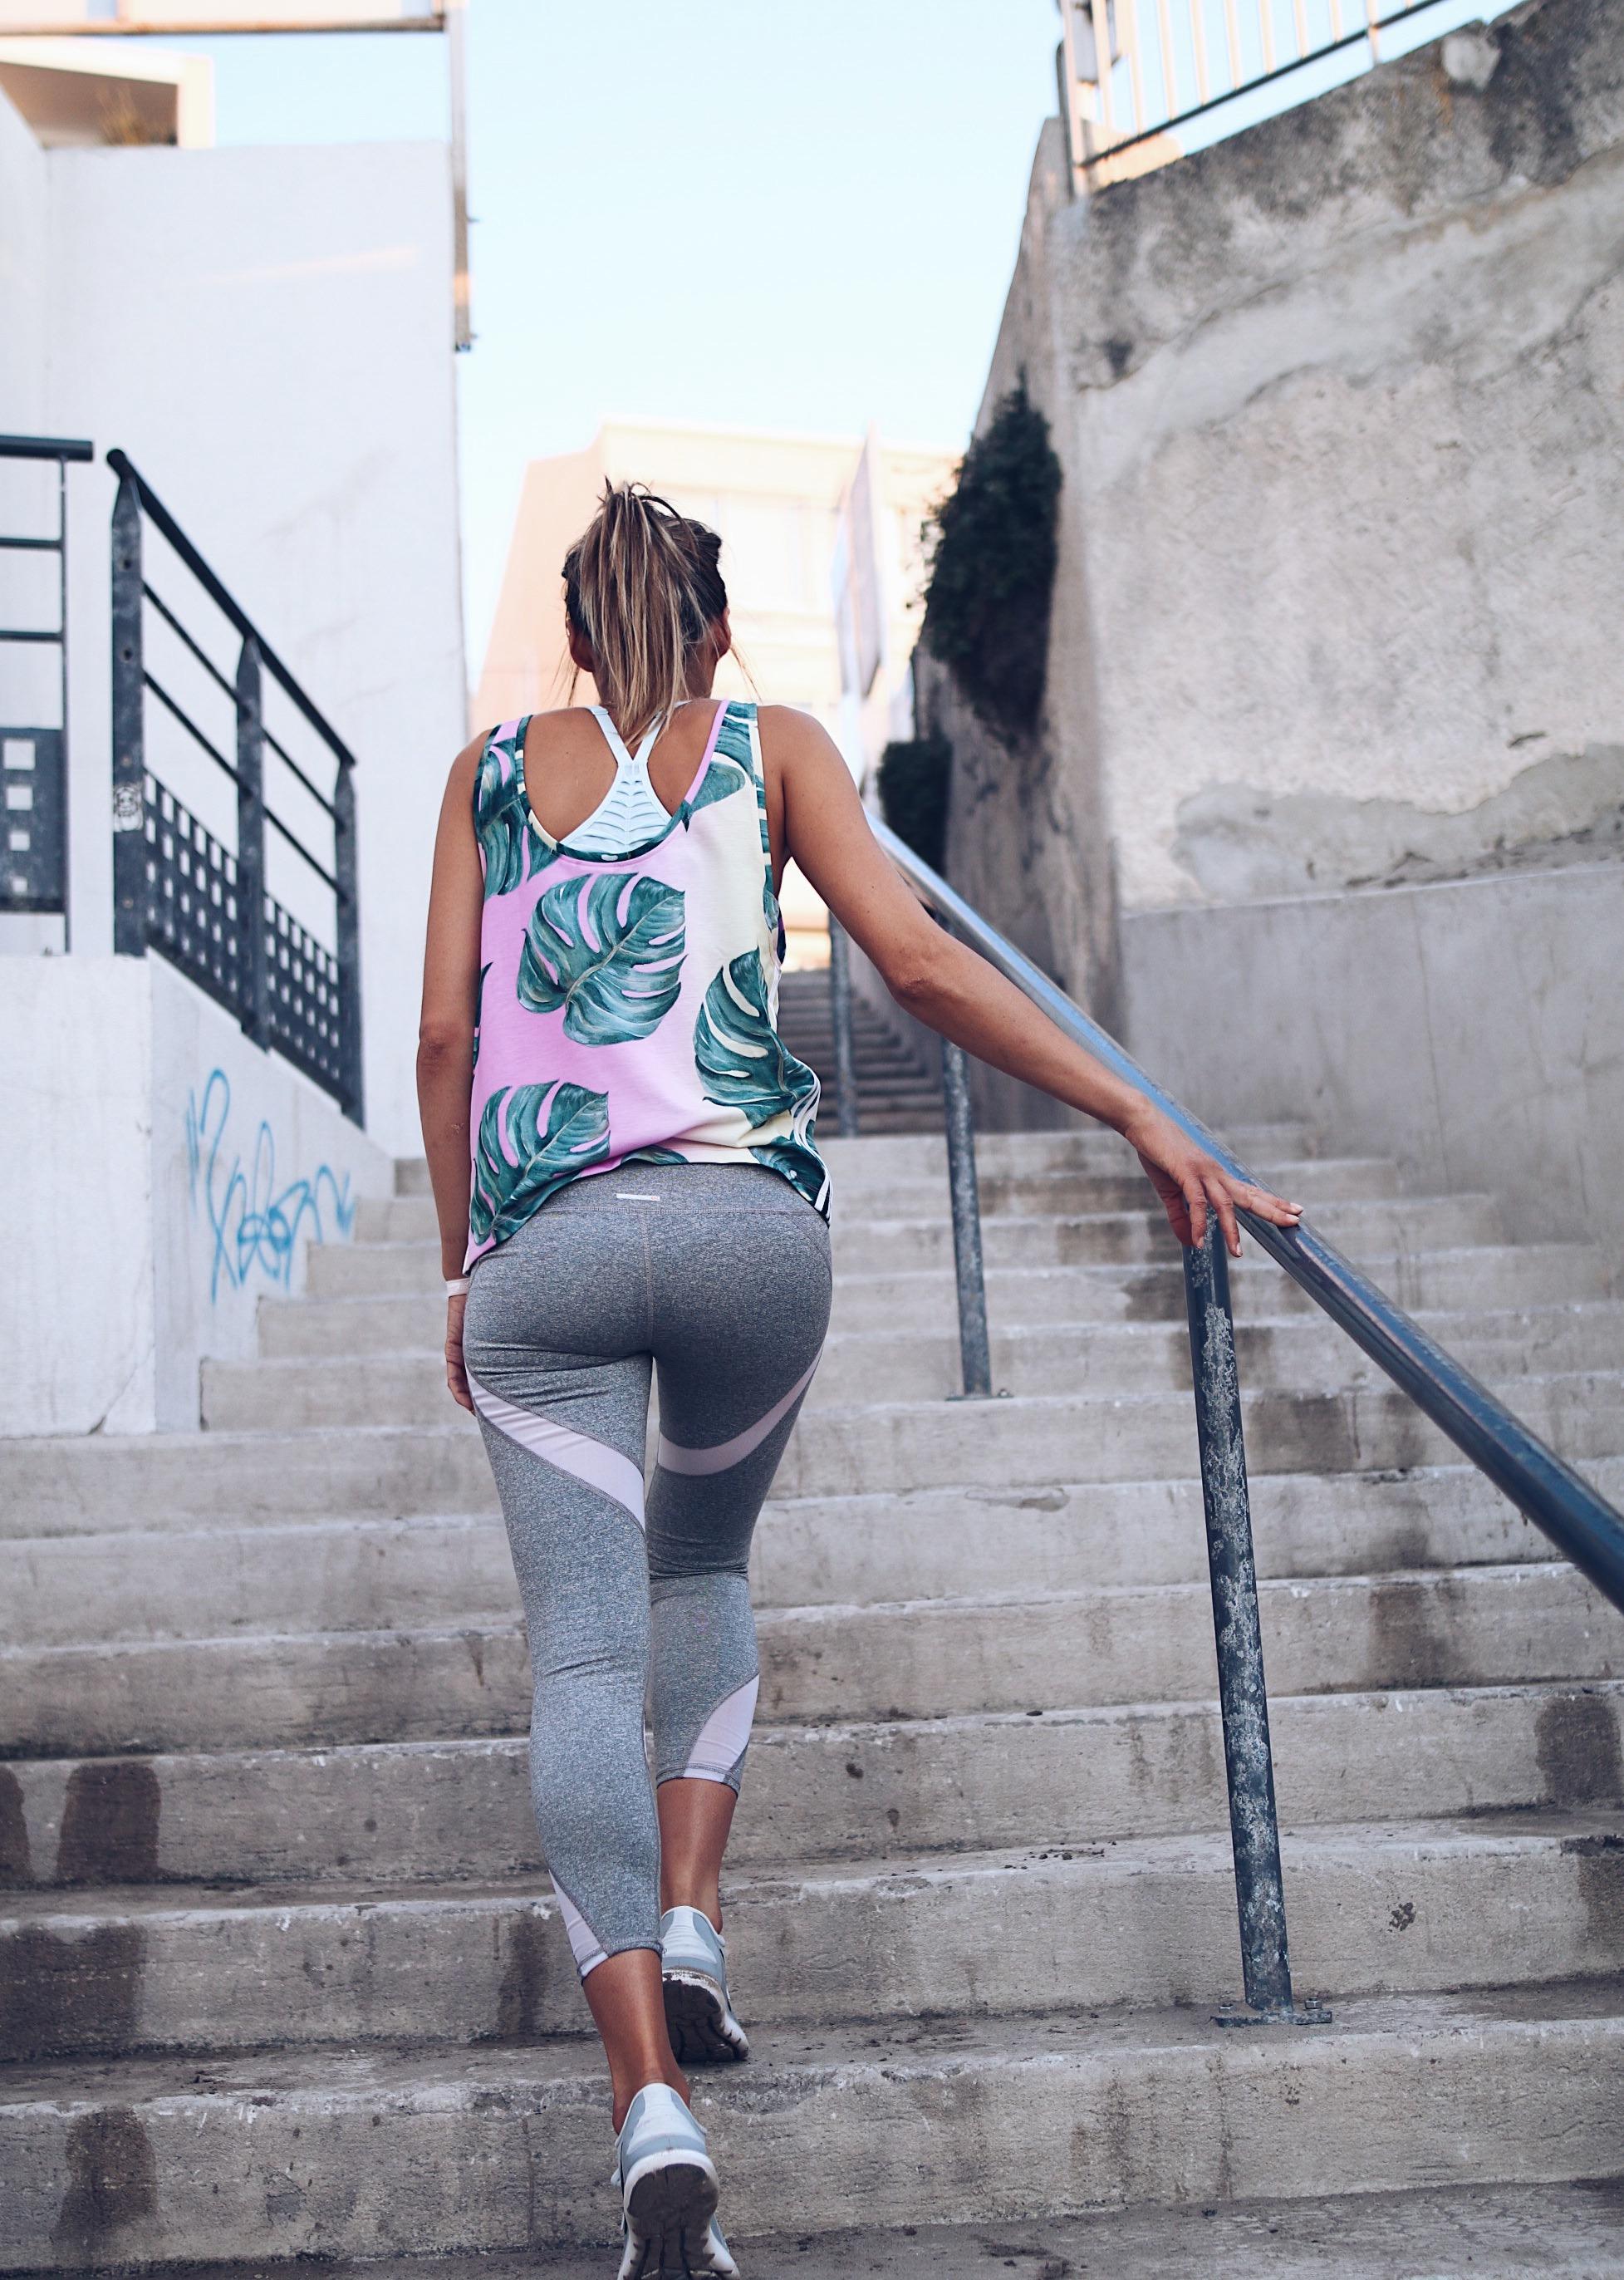 Comment se mettre a la course à pied, conseils pour commencer le running, running pour débutant, course à pieds pour les nuls